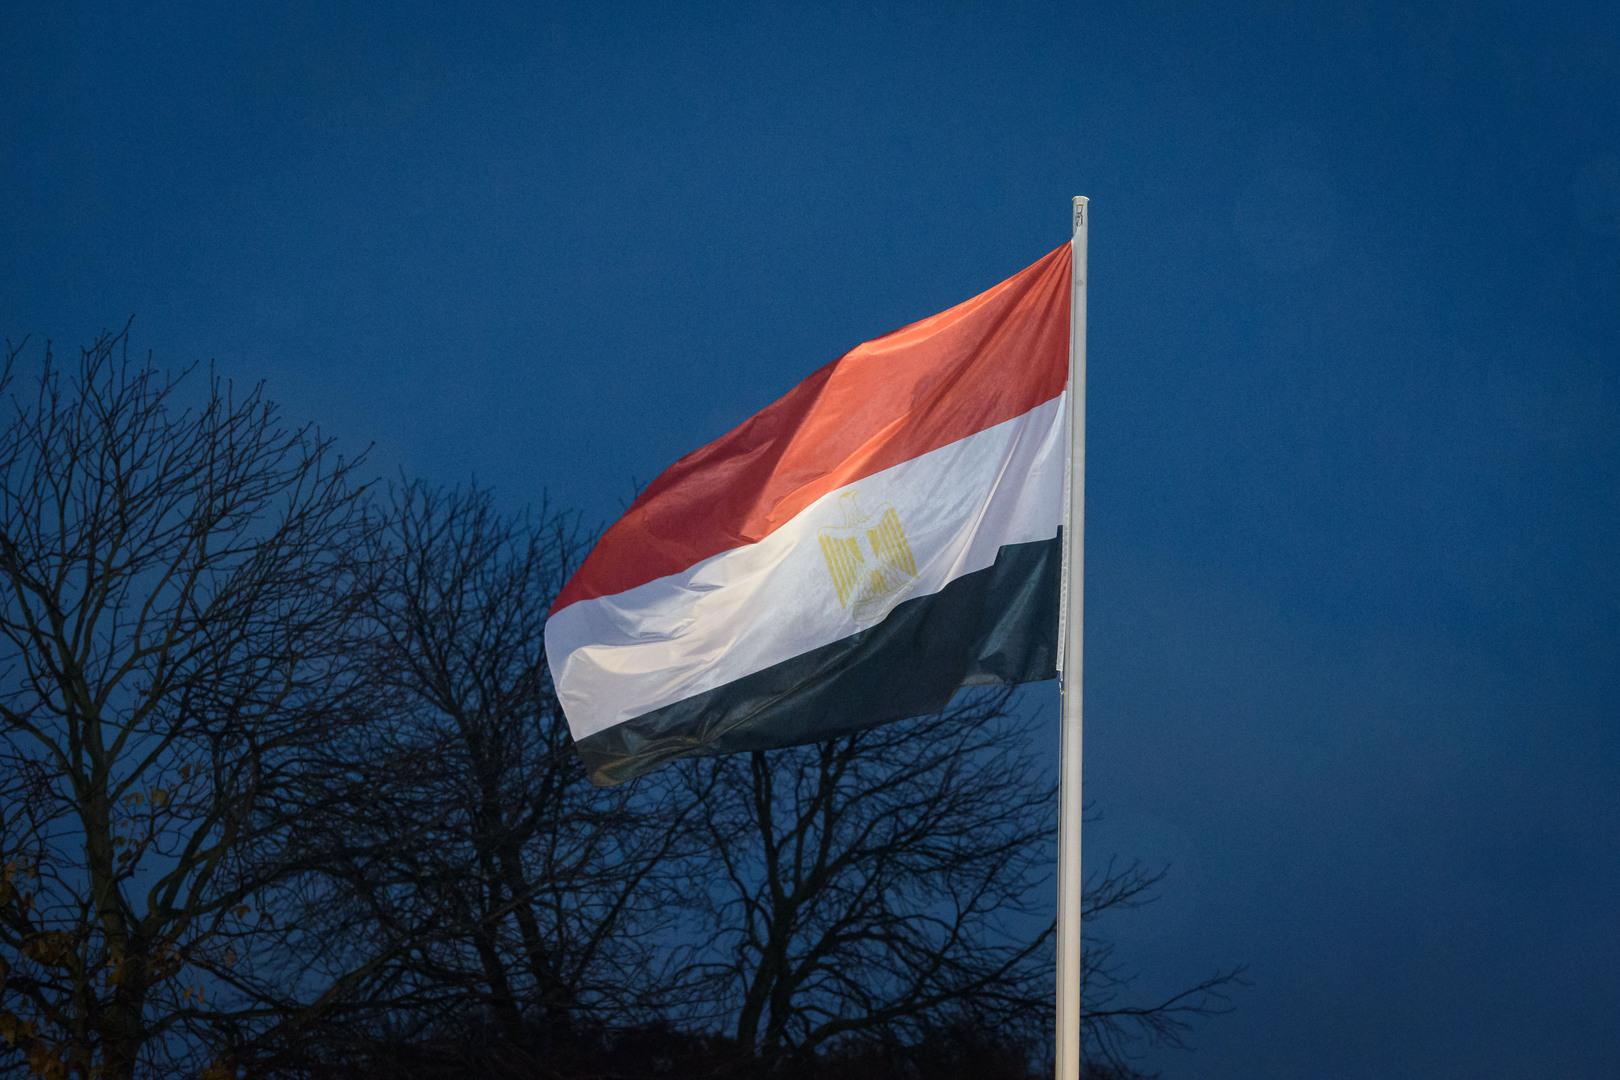 مصر.. ضابط سابق في أمن الدولة يكشف عن مخطط جديد لـ